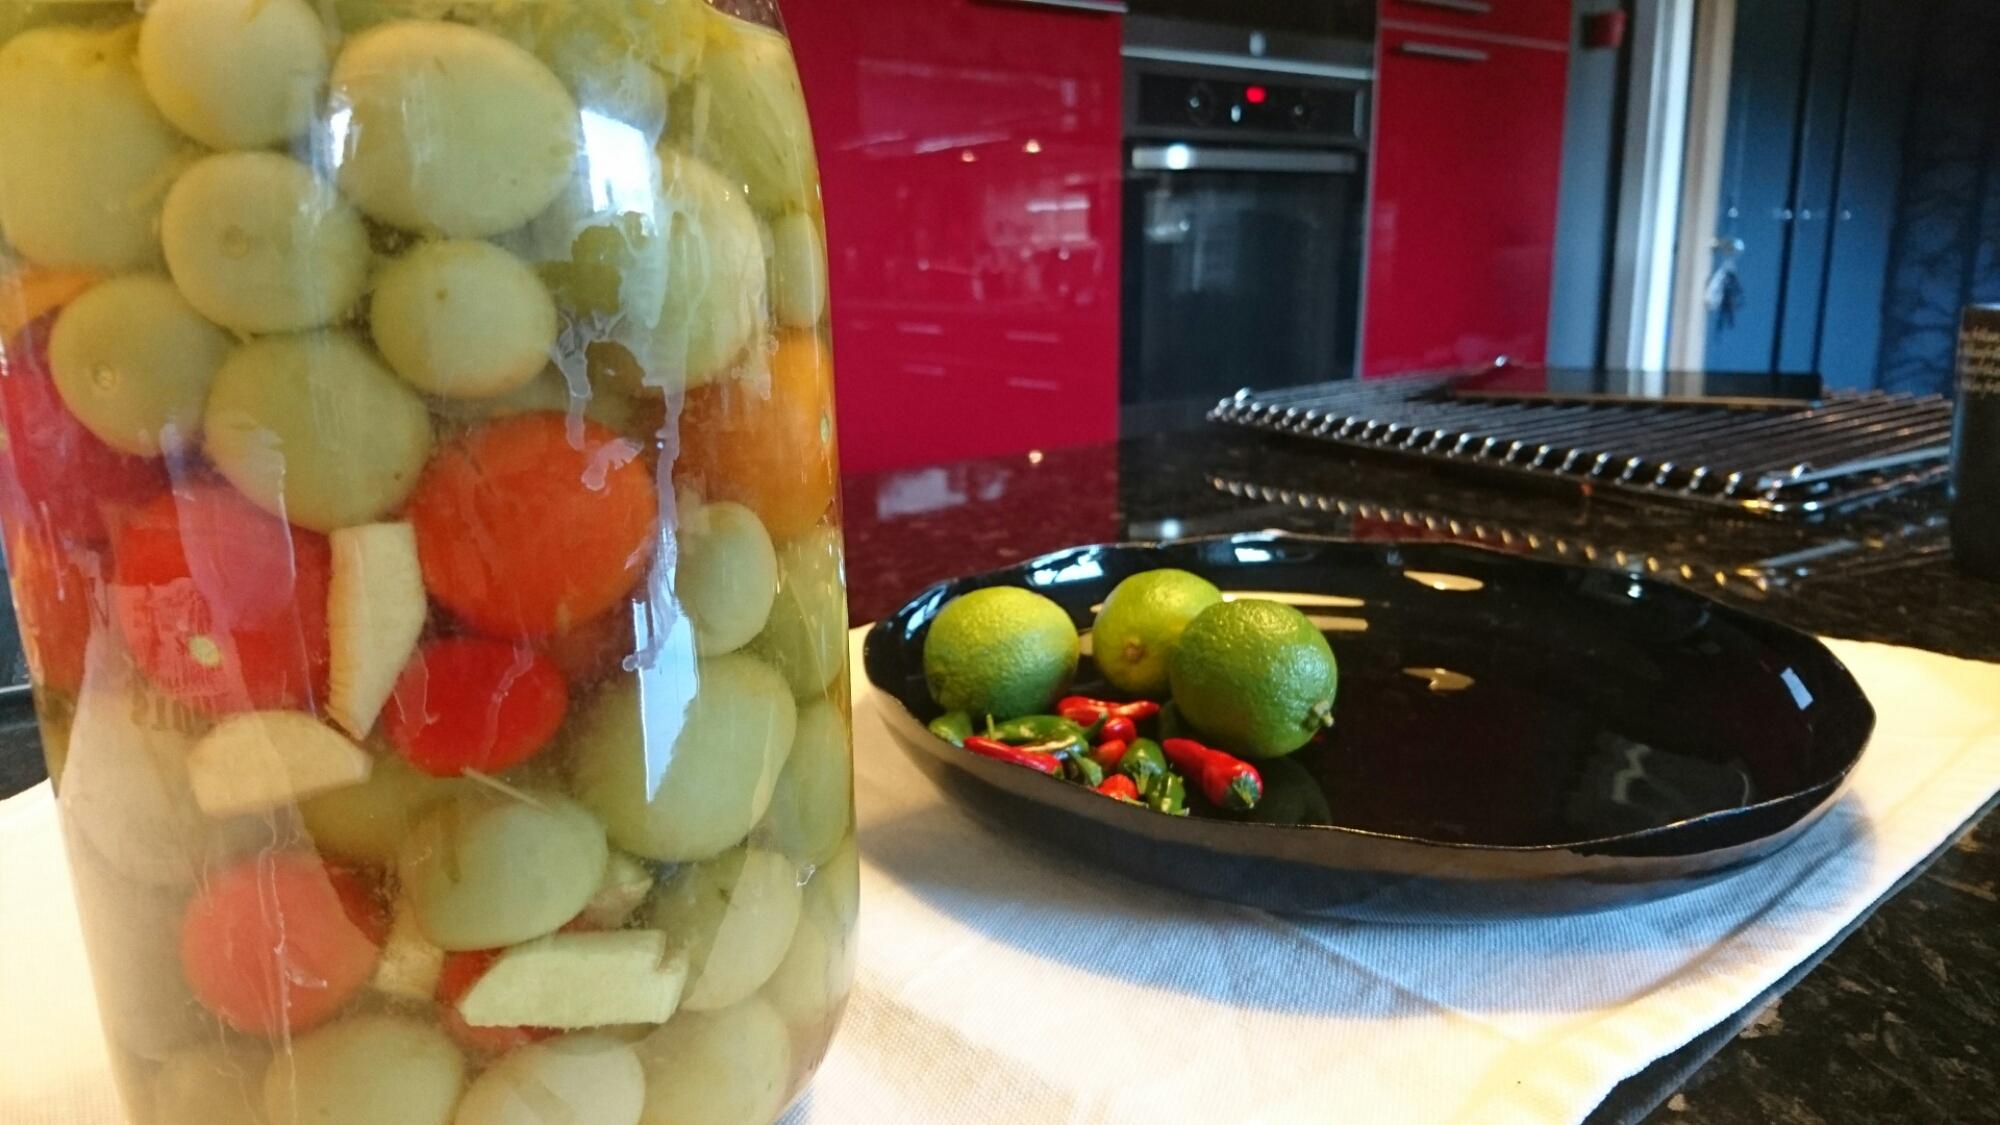 Inlagda gröna tomater…och några röda.